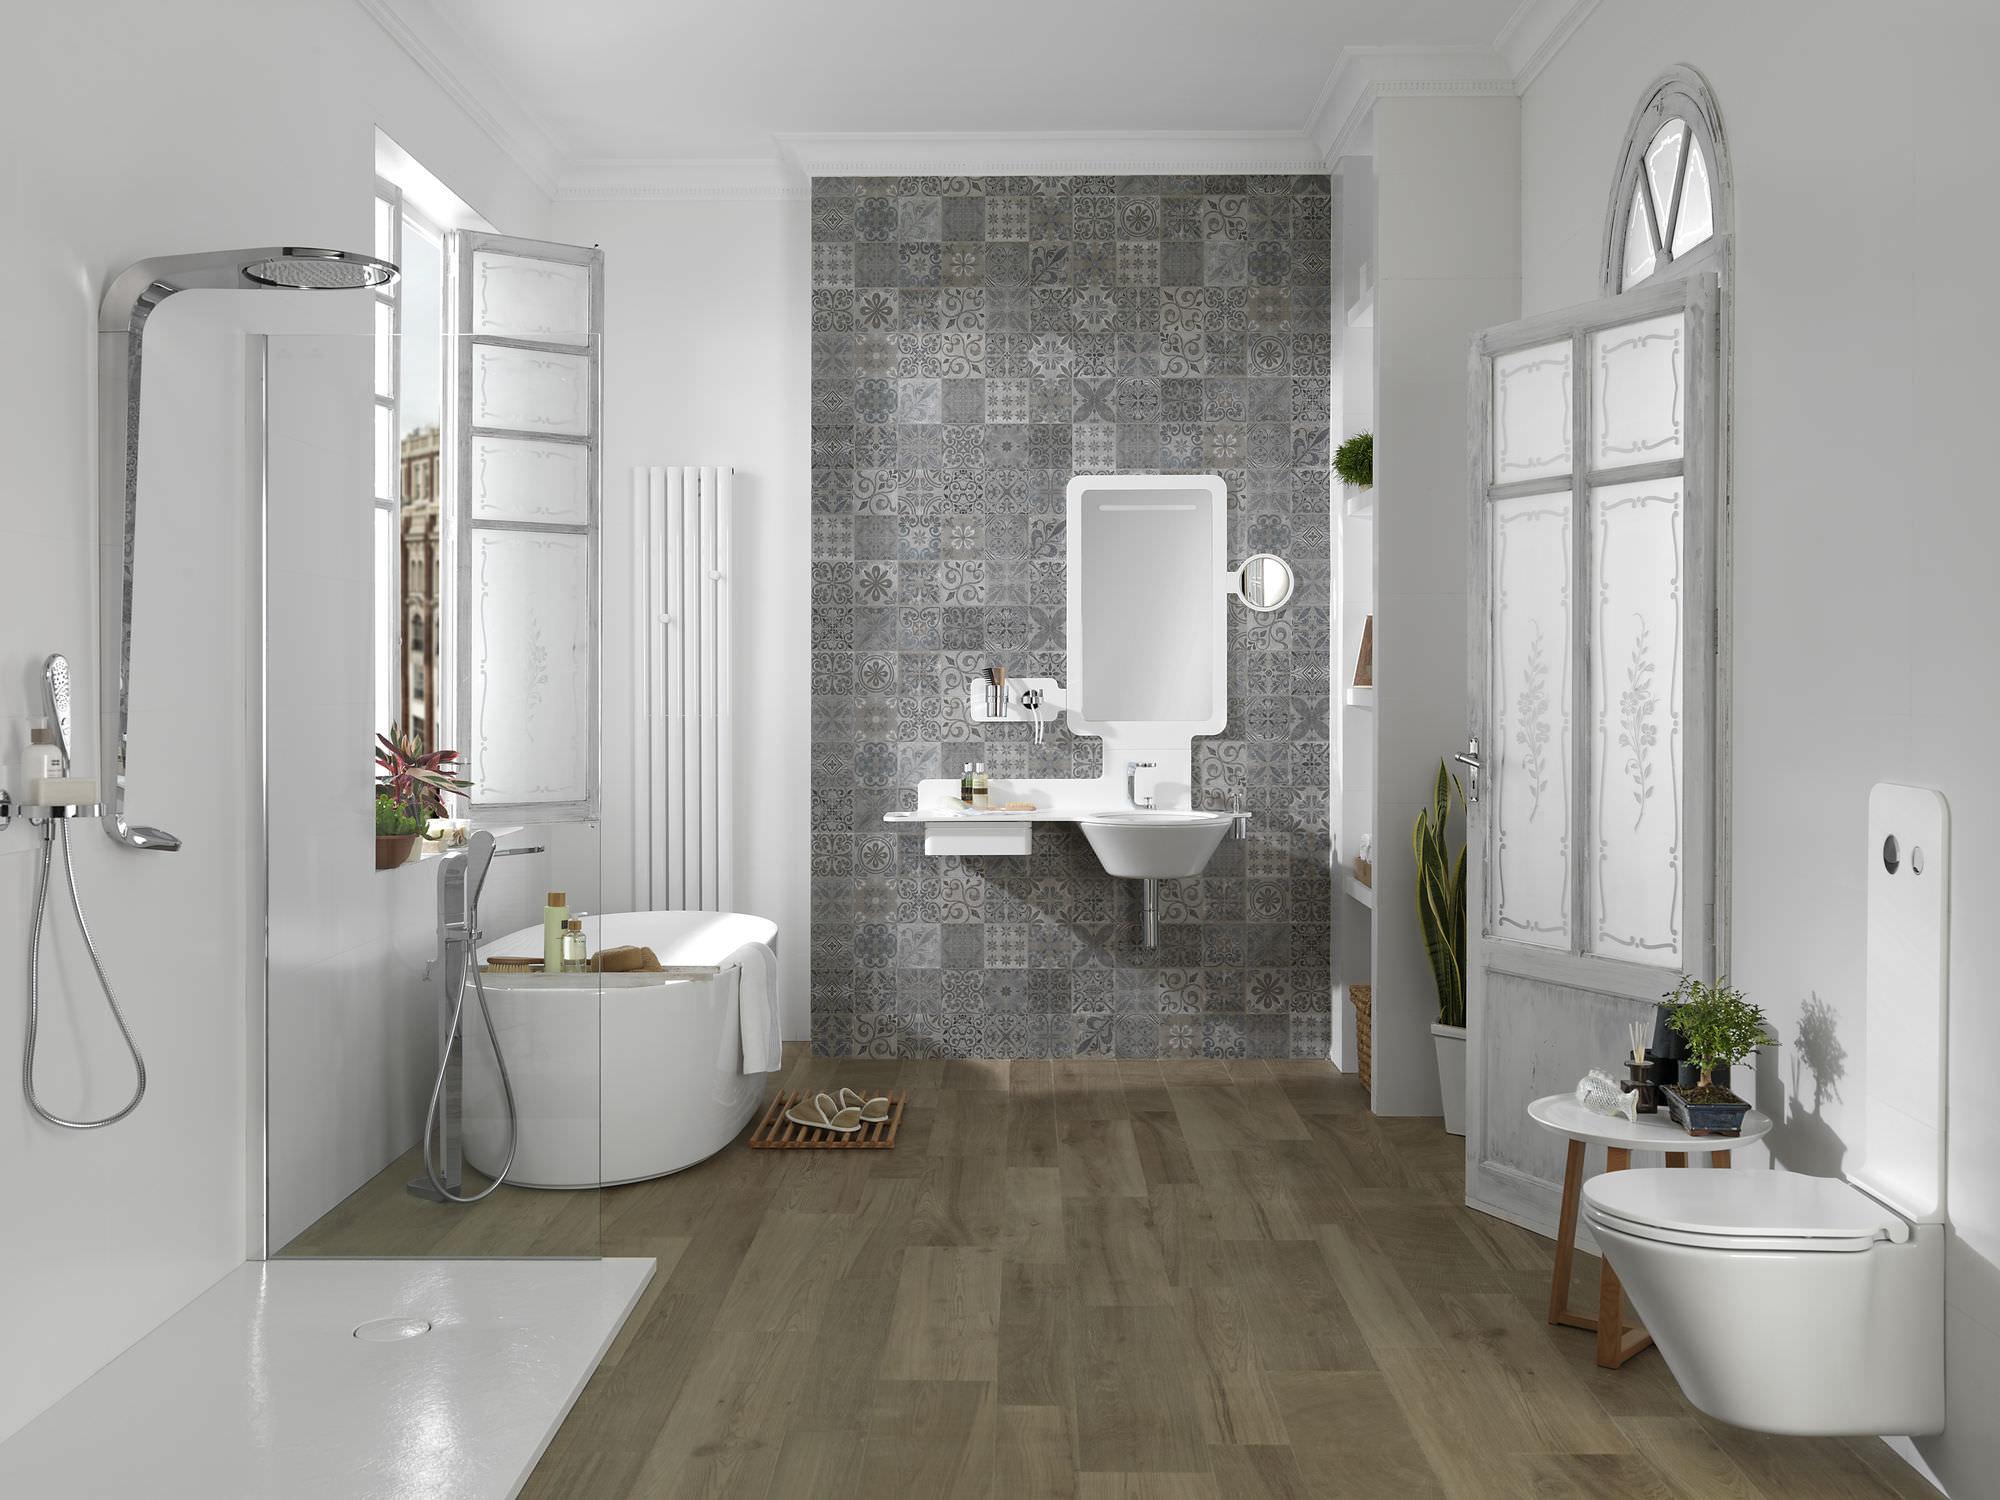 bagno moderno / in ceramica - mood - noken porcelanosa bathrooms - Ceramiche Bagni Moderni